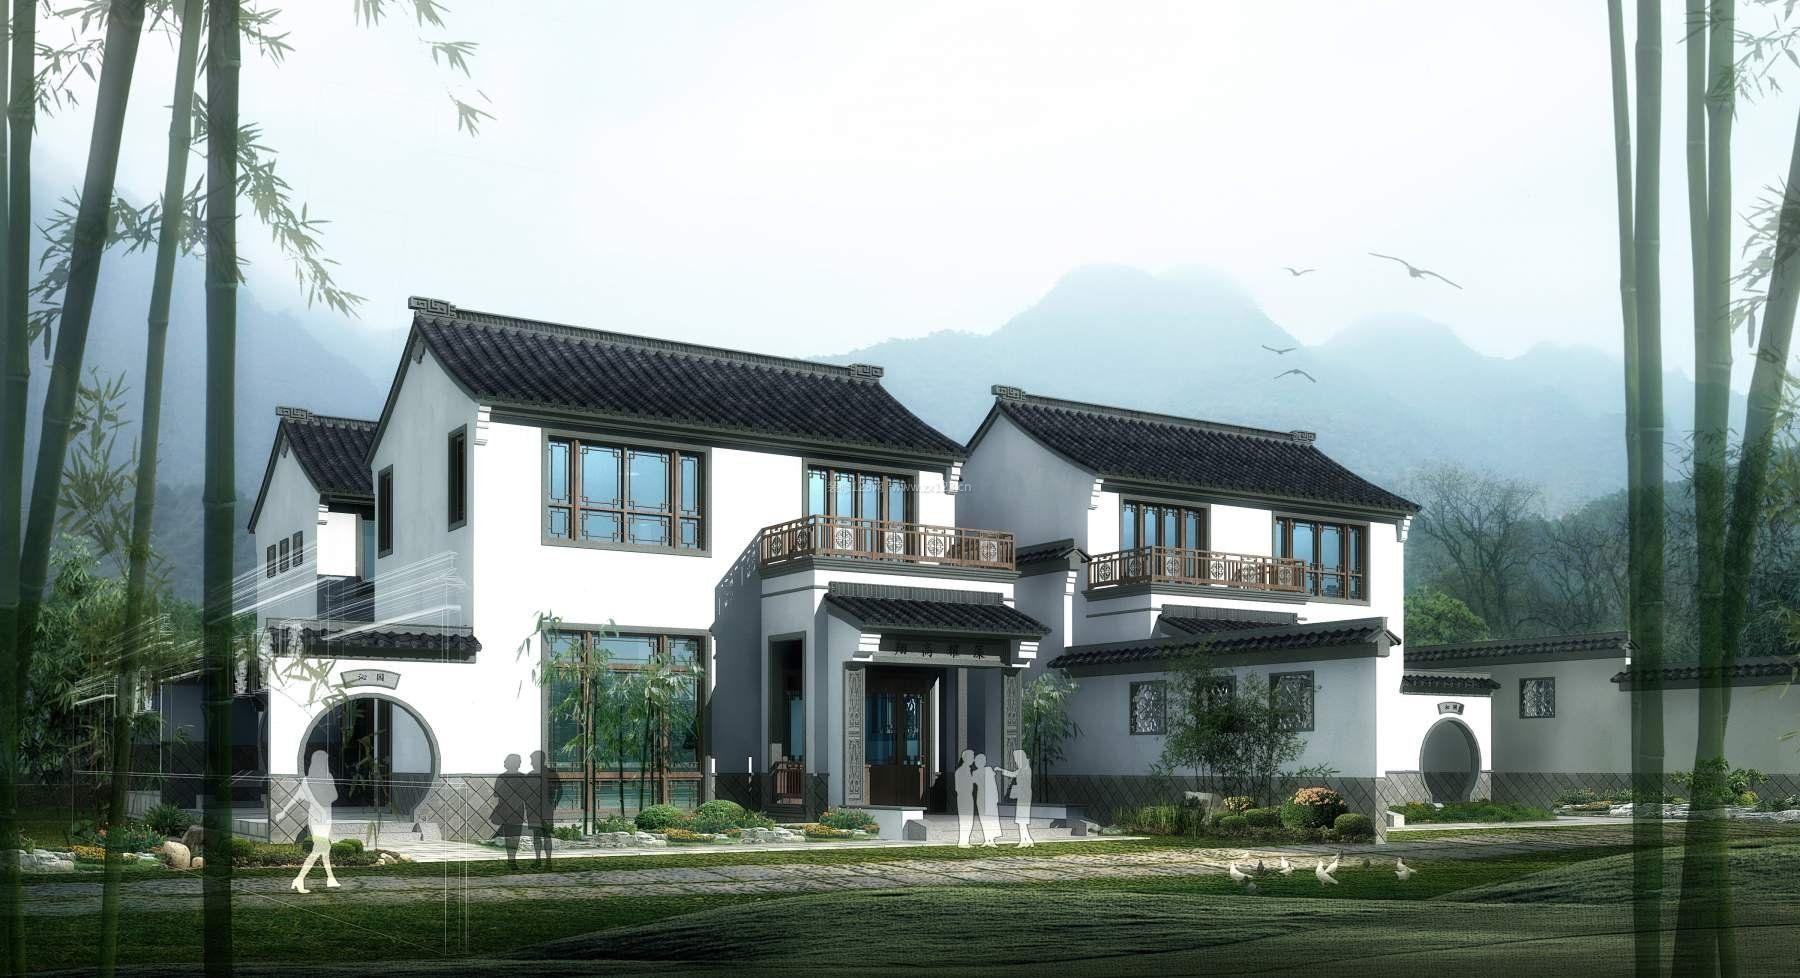 现代中式小别墅外观图片大全图片